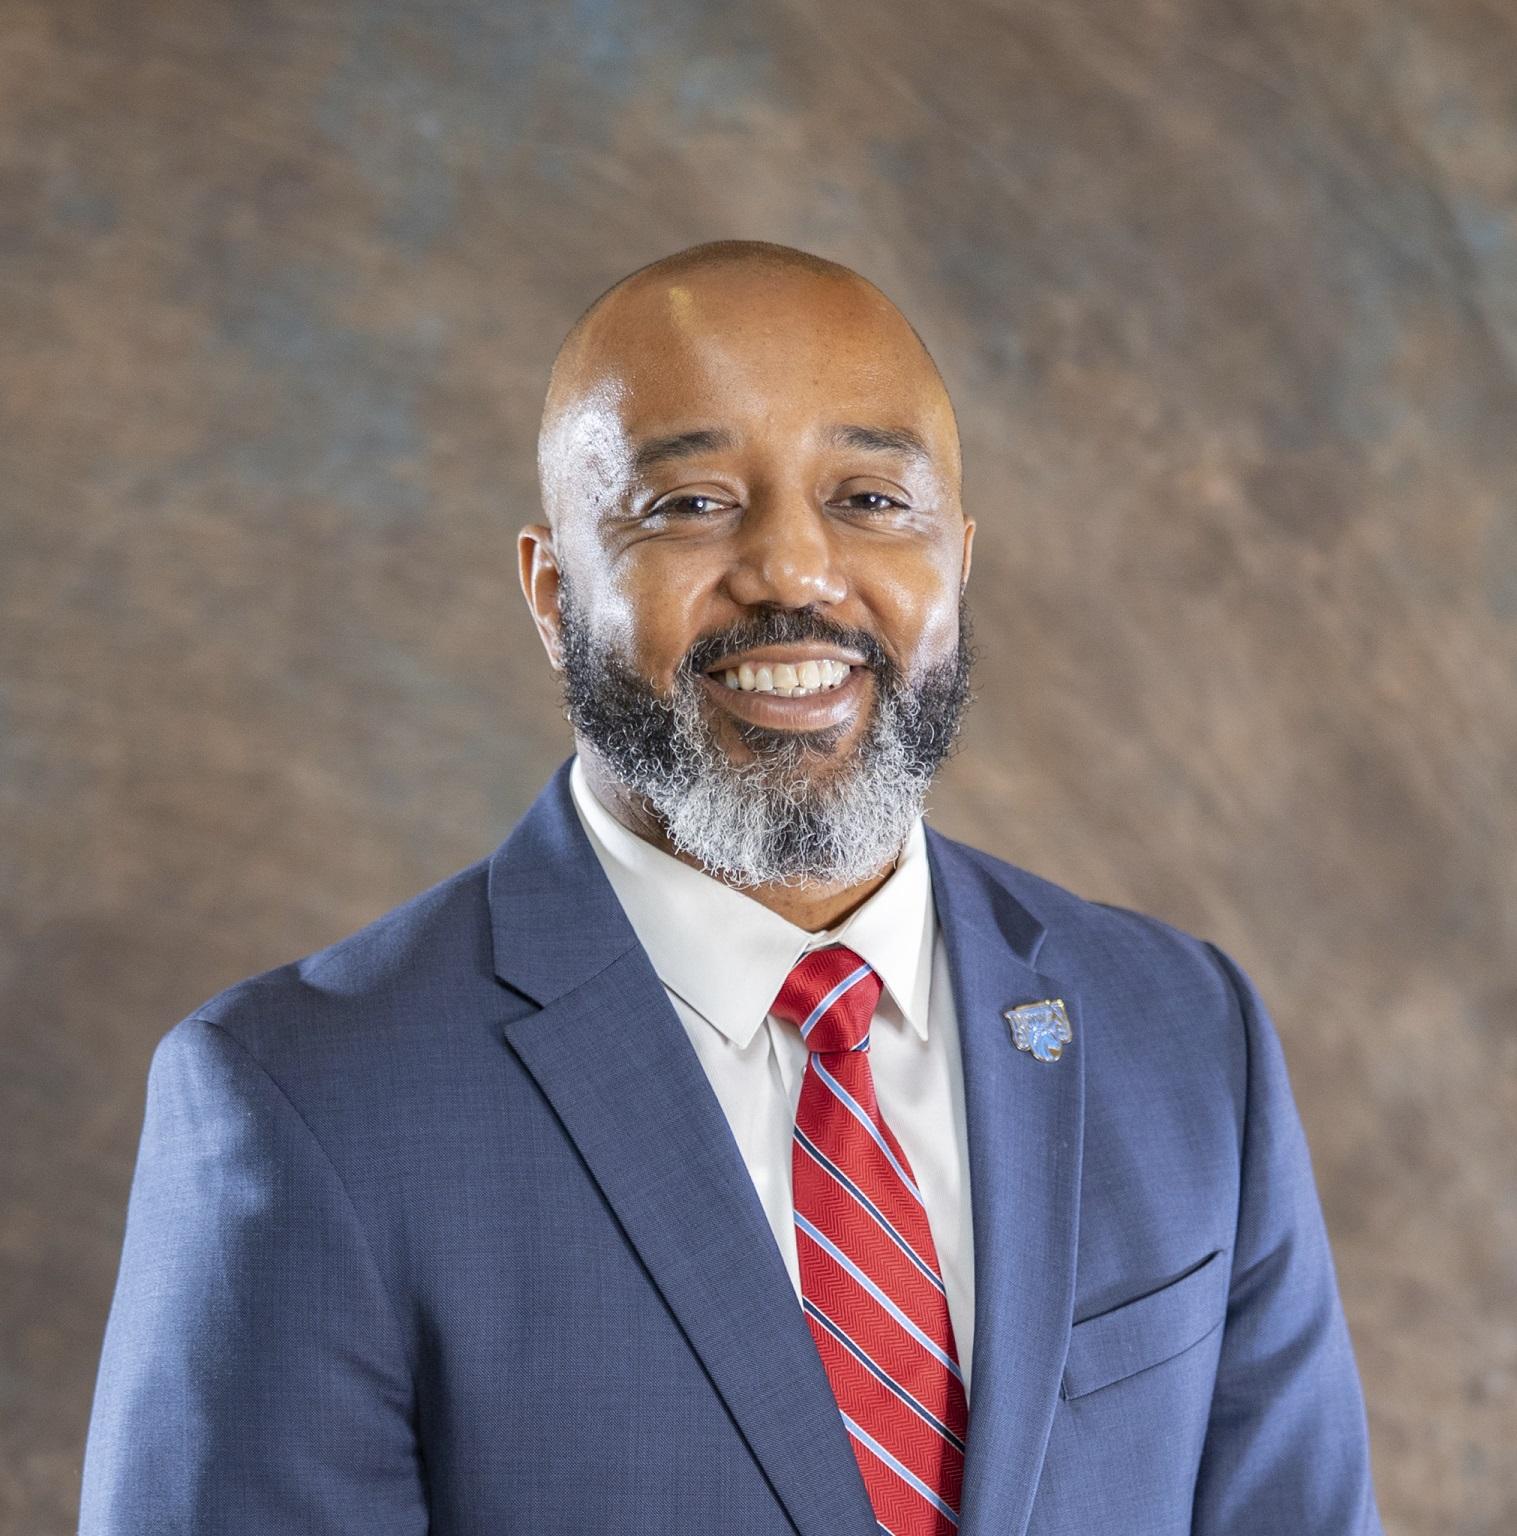 Dr. J. Lee Brown